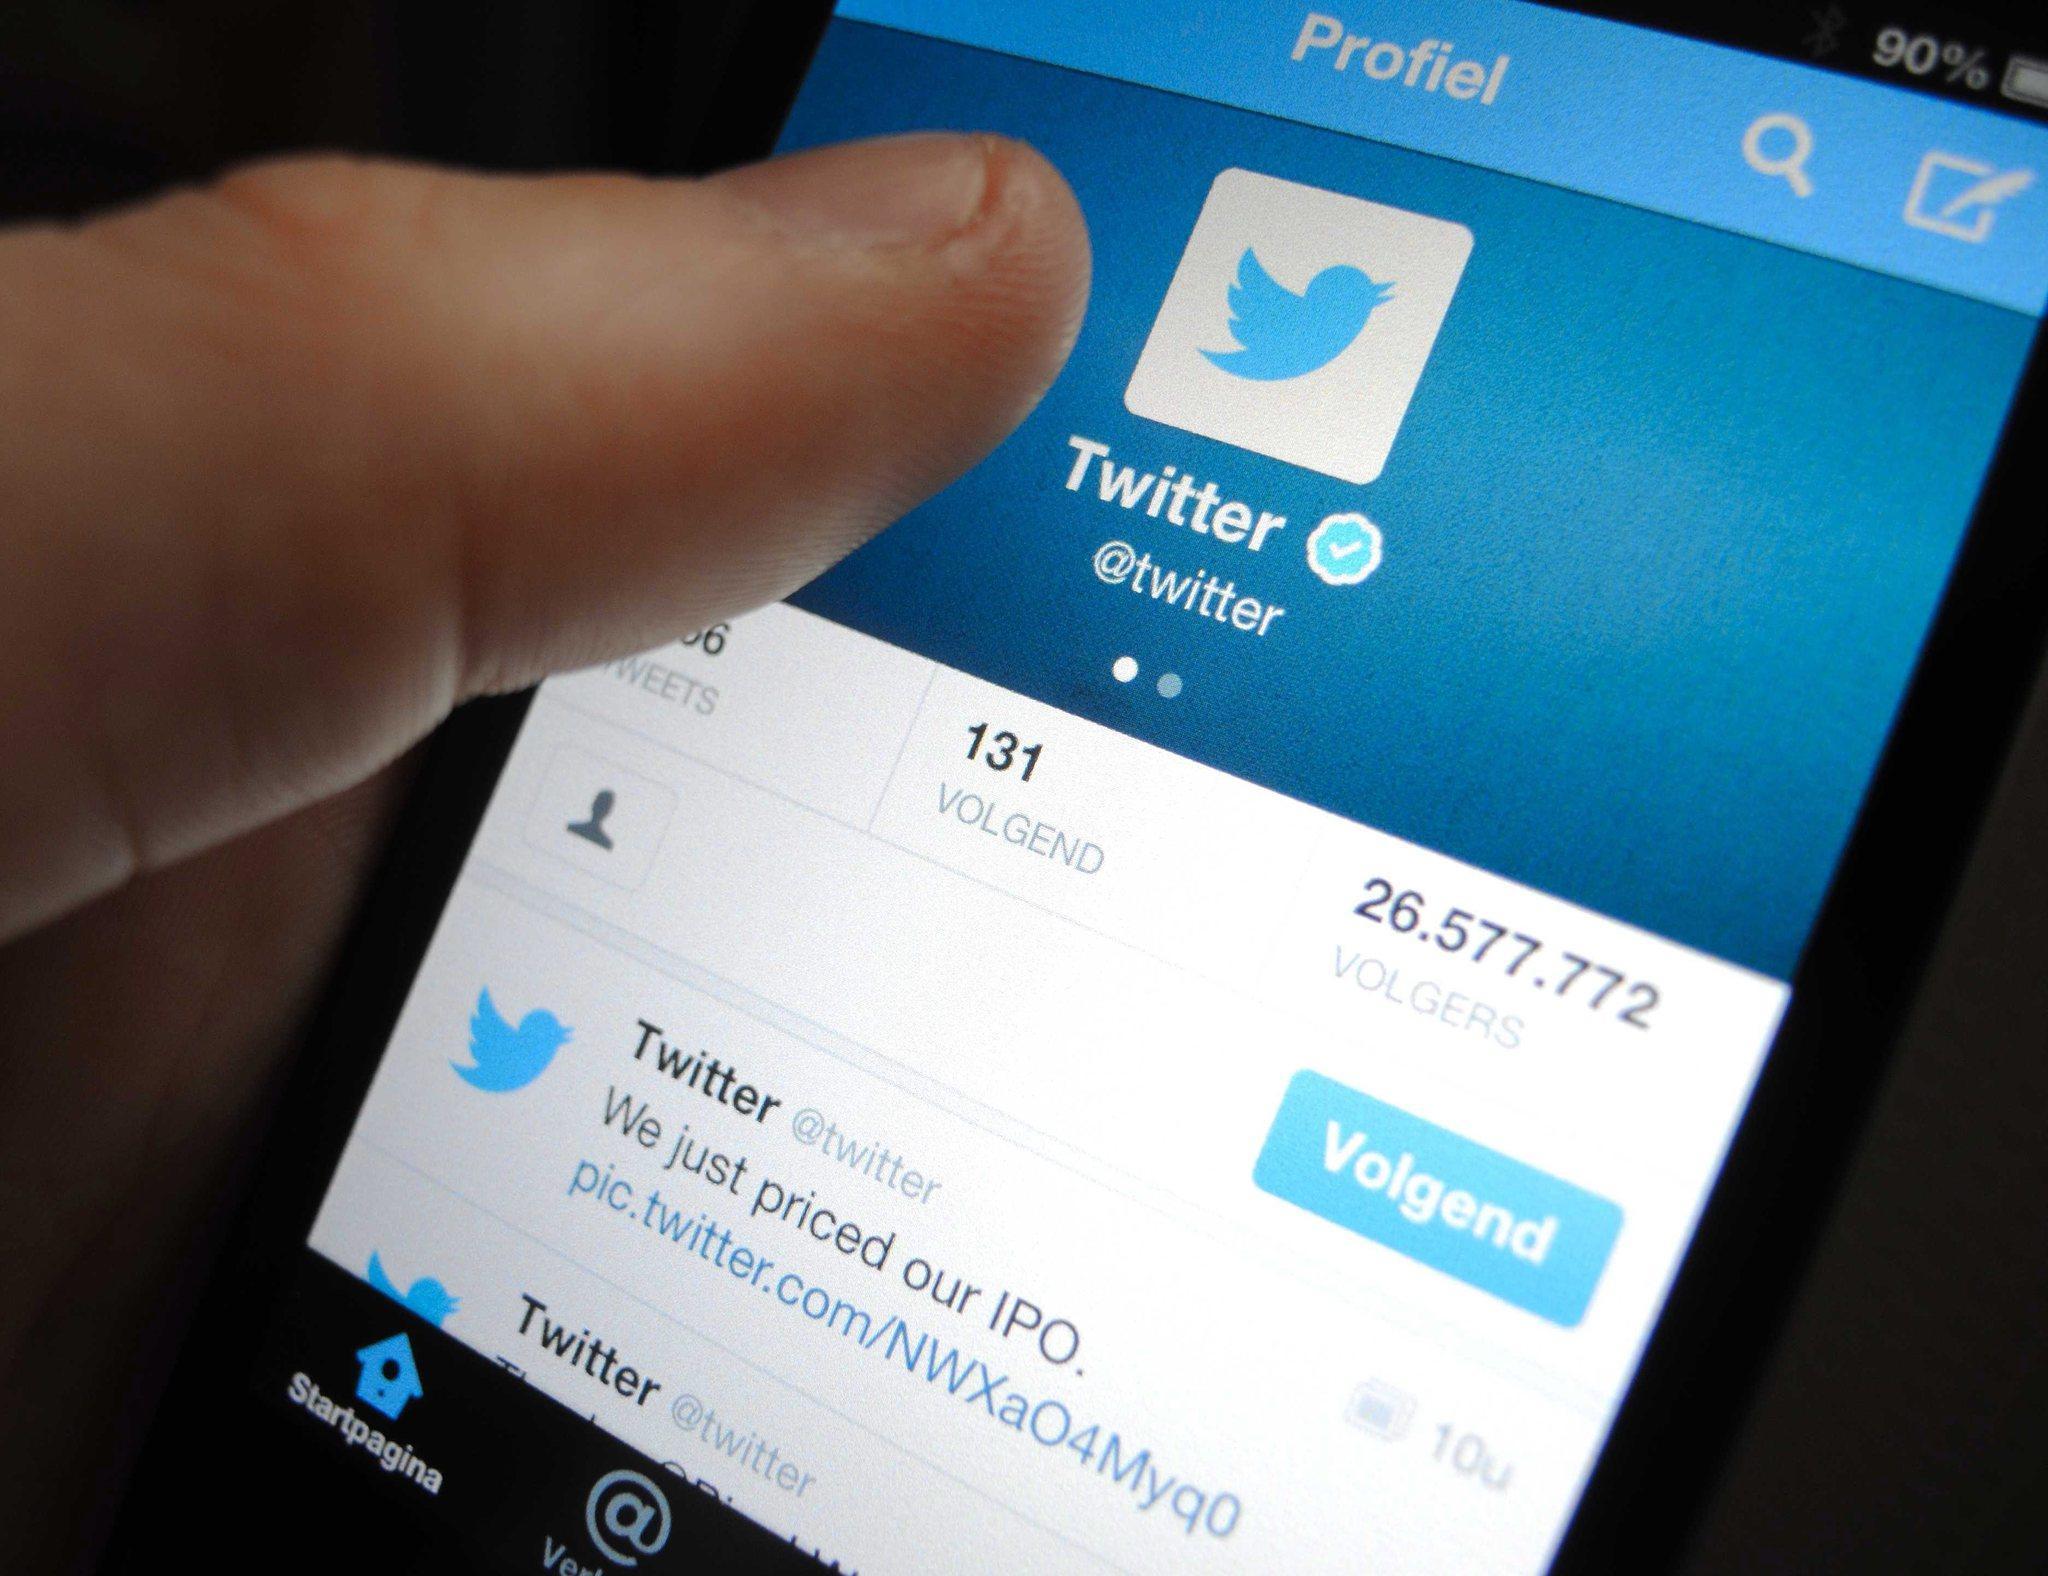 Эксперттер Twitter социалдык түйүнүнүн кирешеси азайганын айтышты